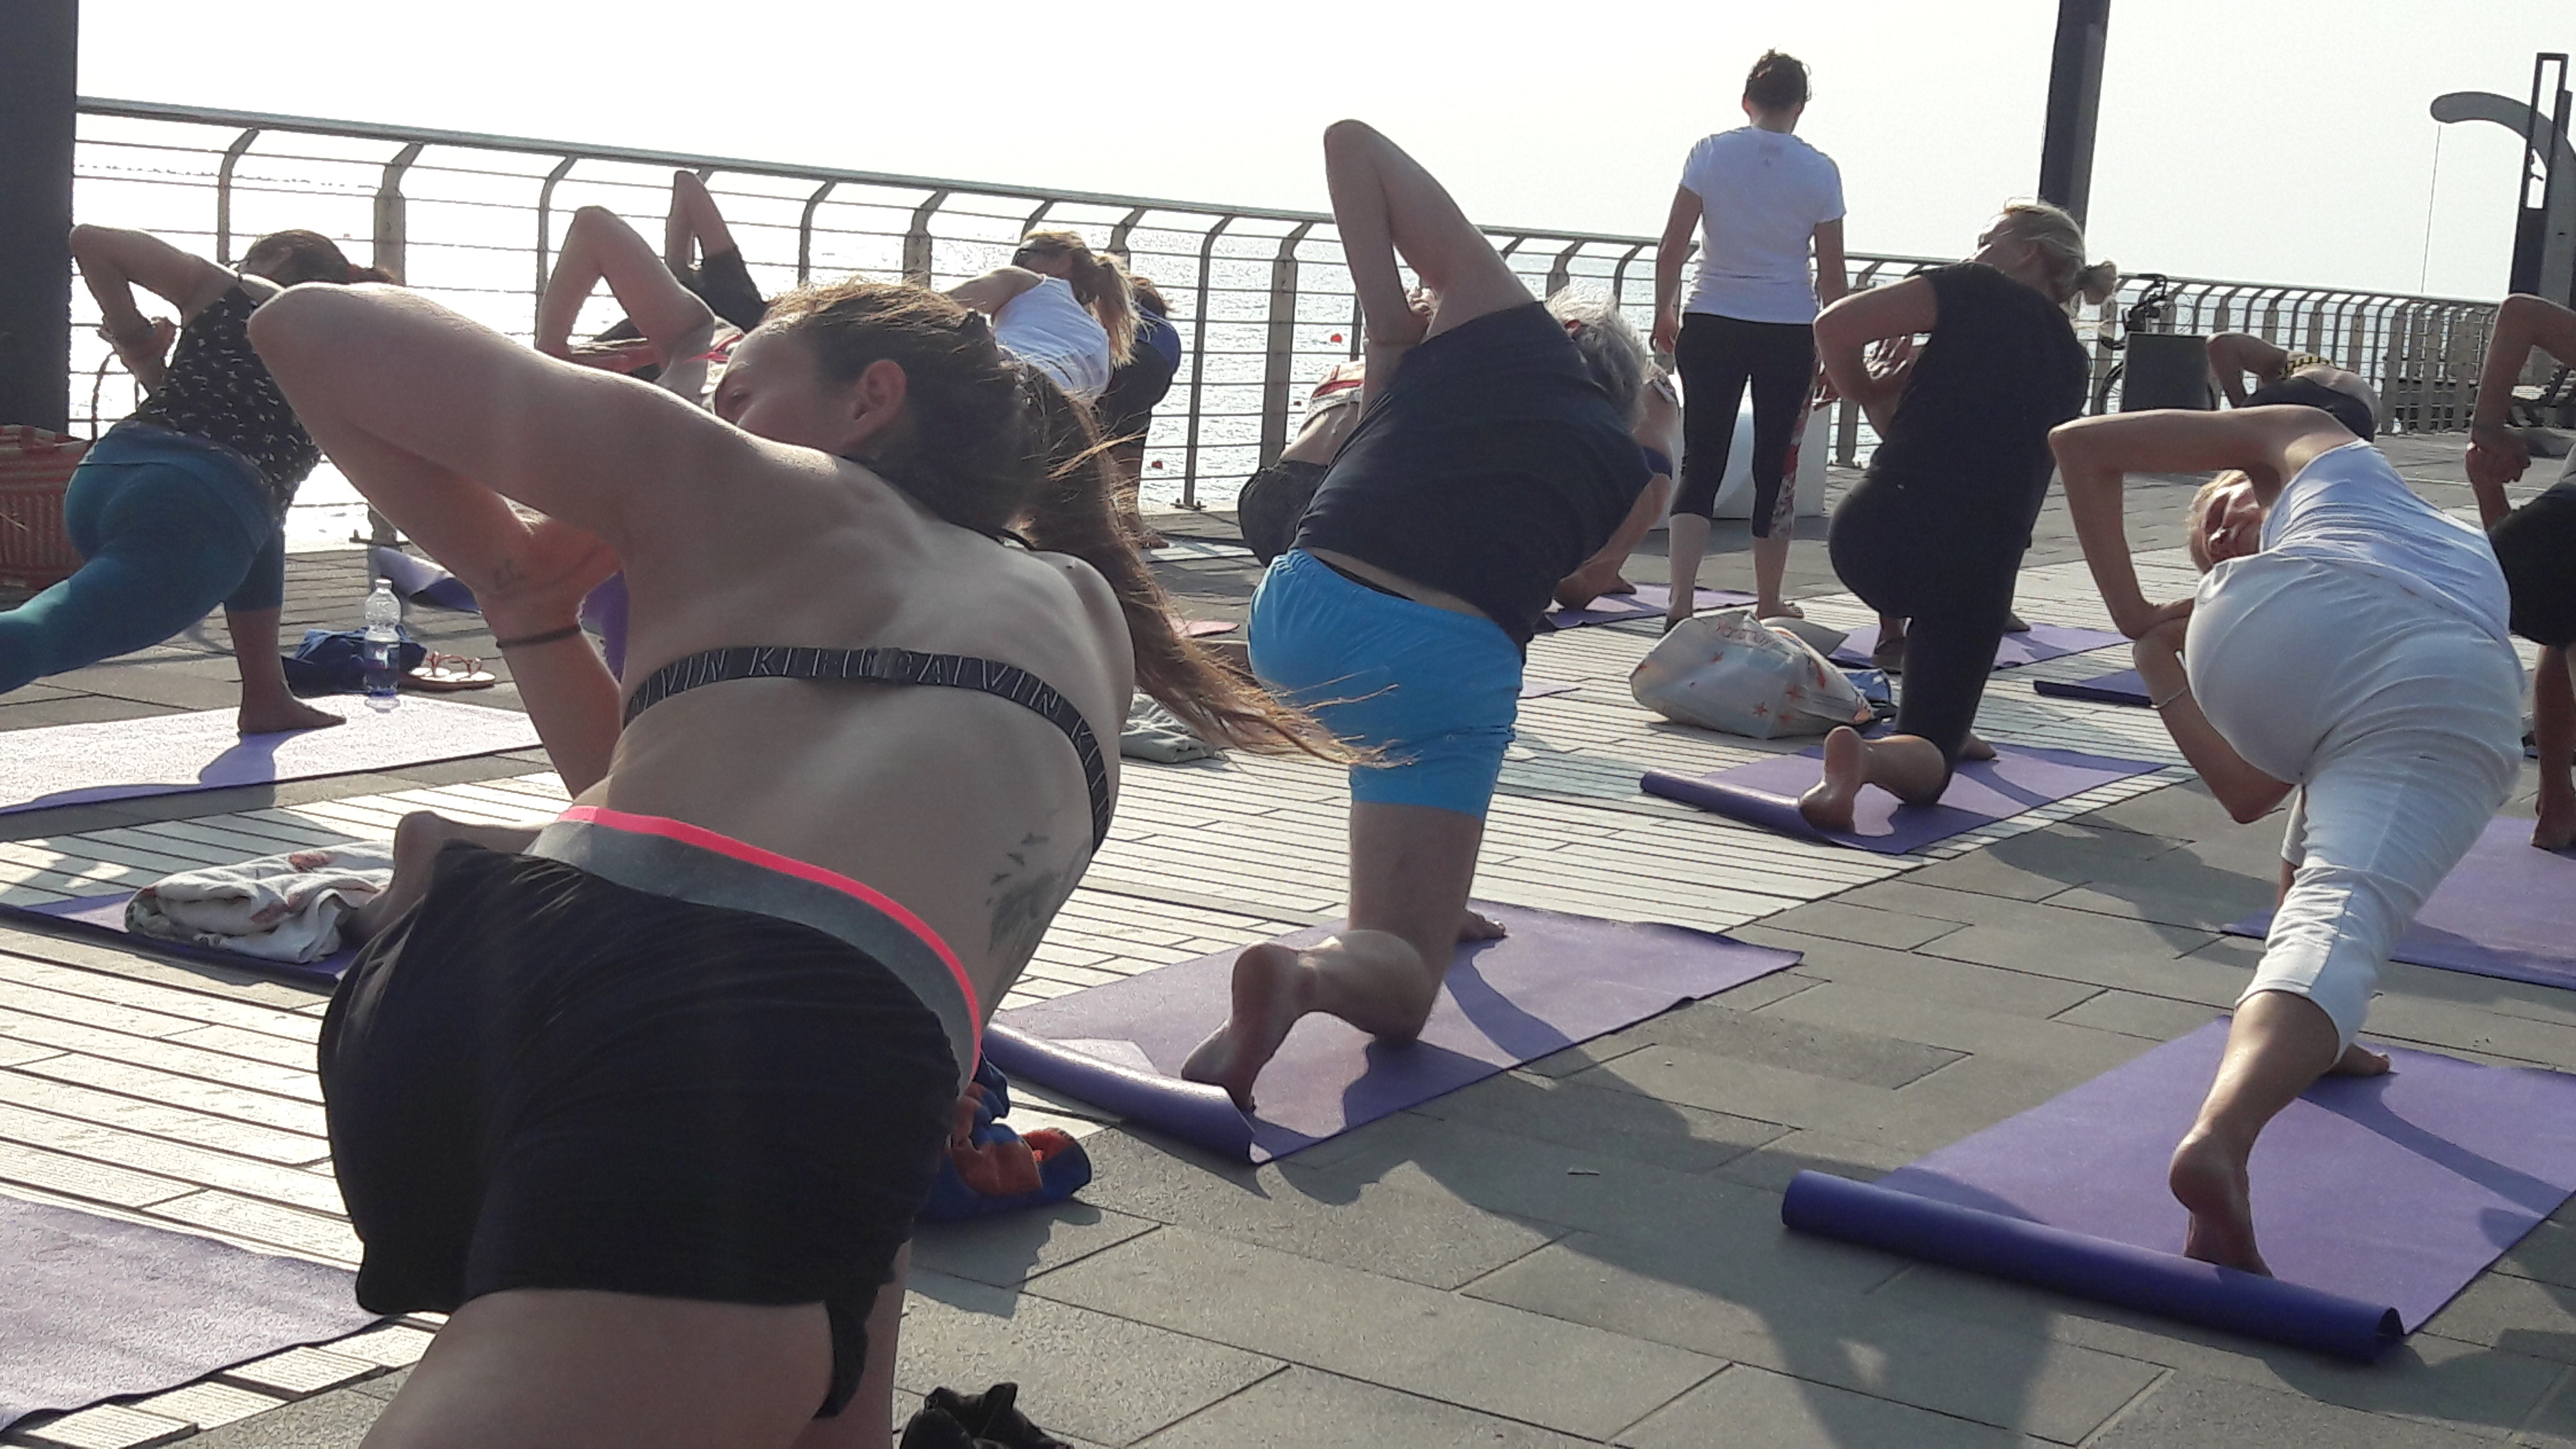 1_essere-free-yoga-gratuito-benessere-per-tutti-village-citta-alassio-estate-lucia-ragazzi-summer-town-wellness-032